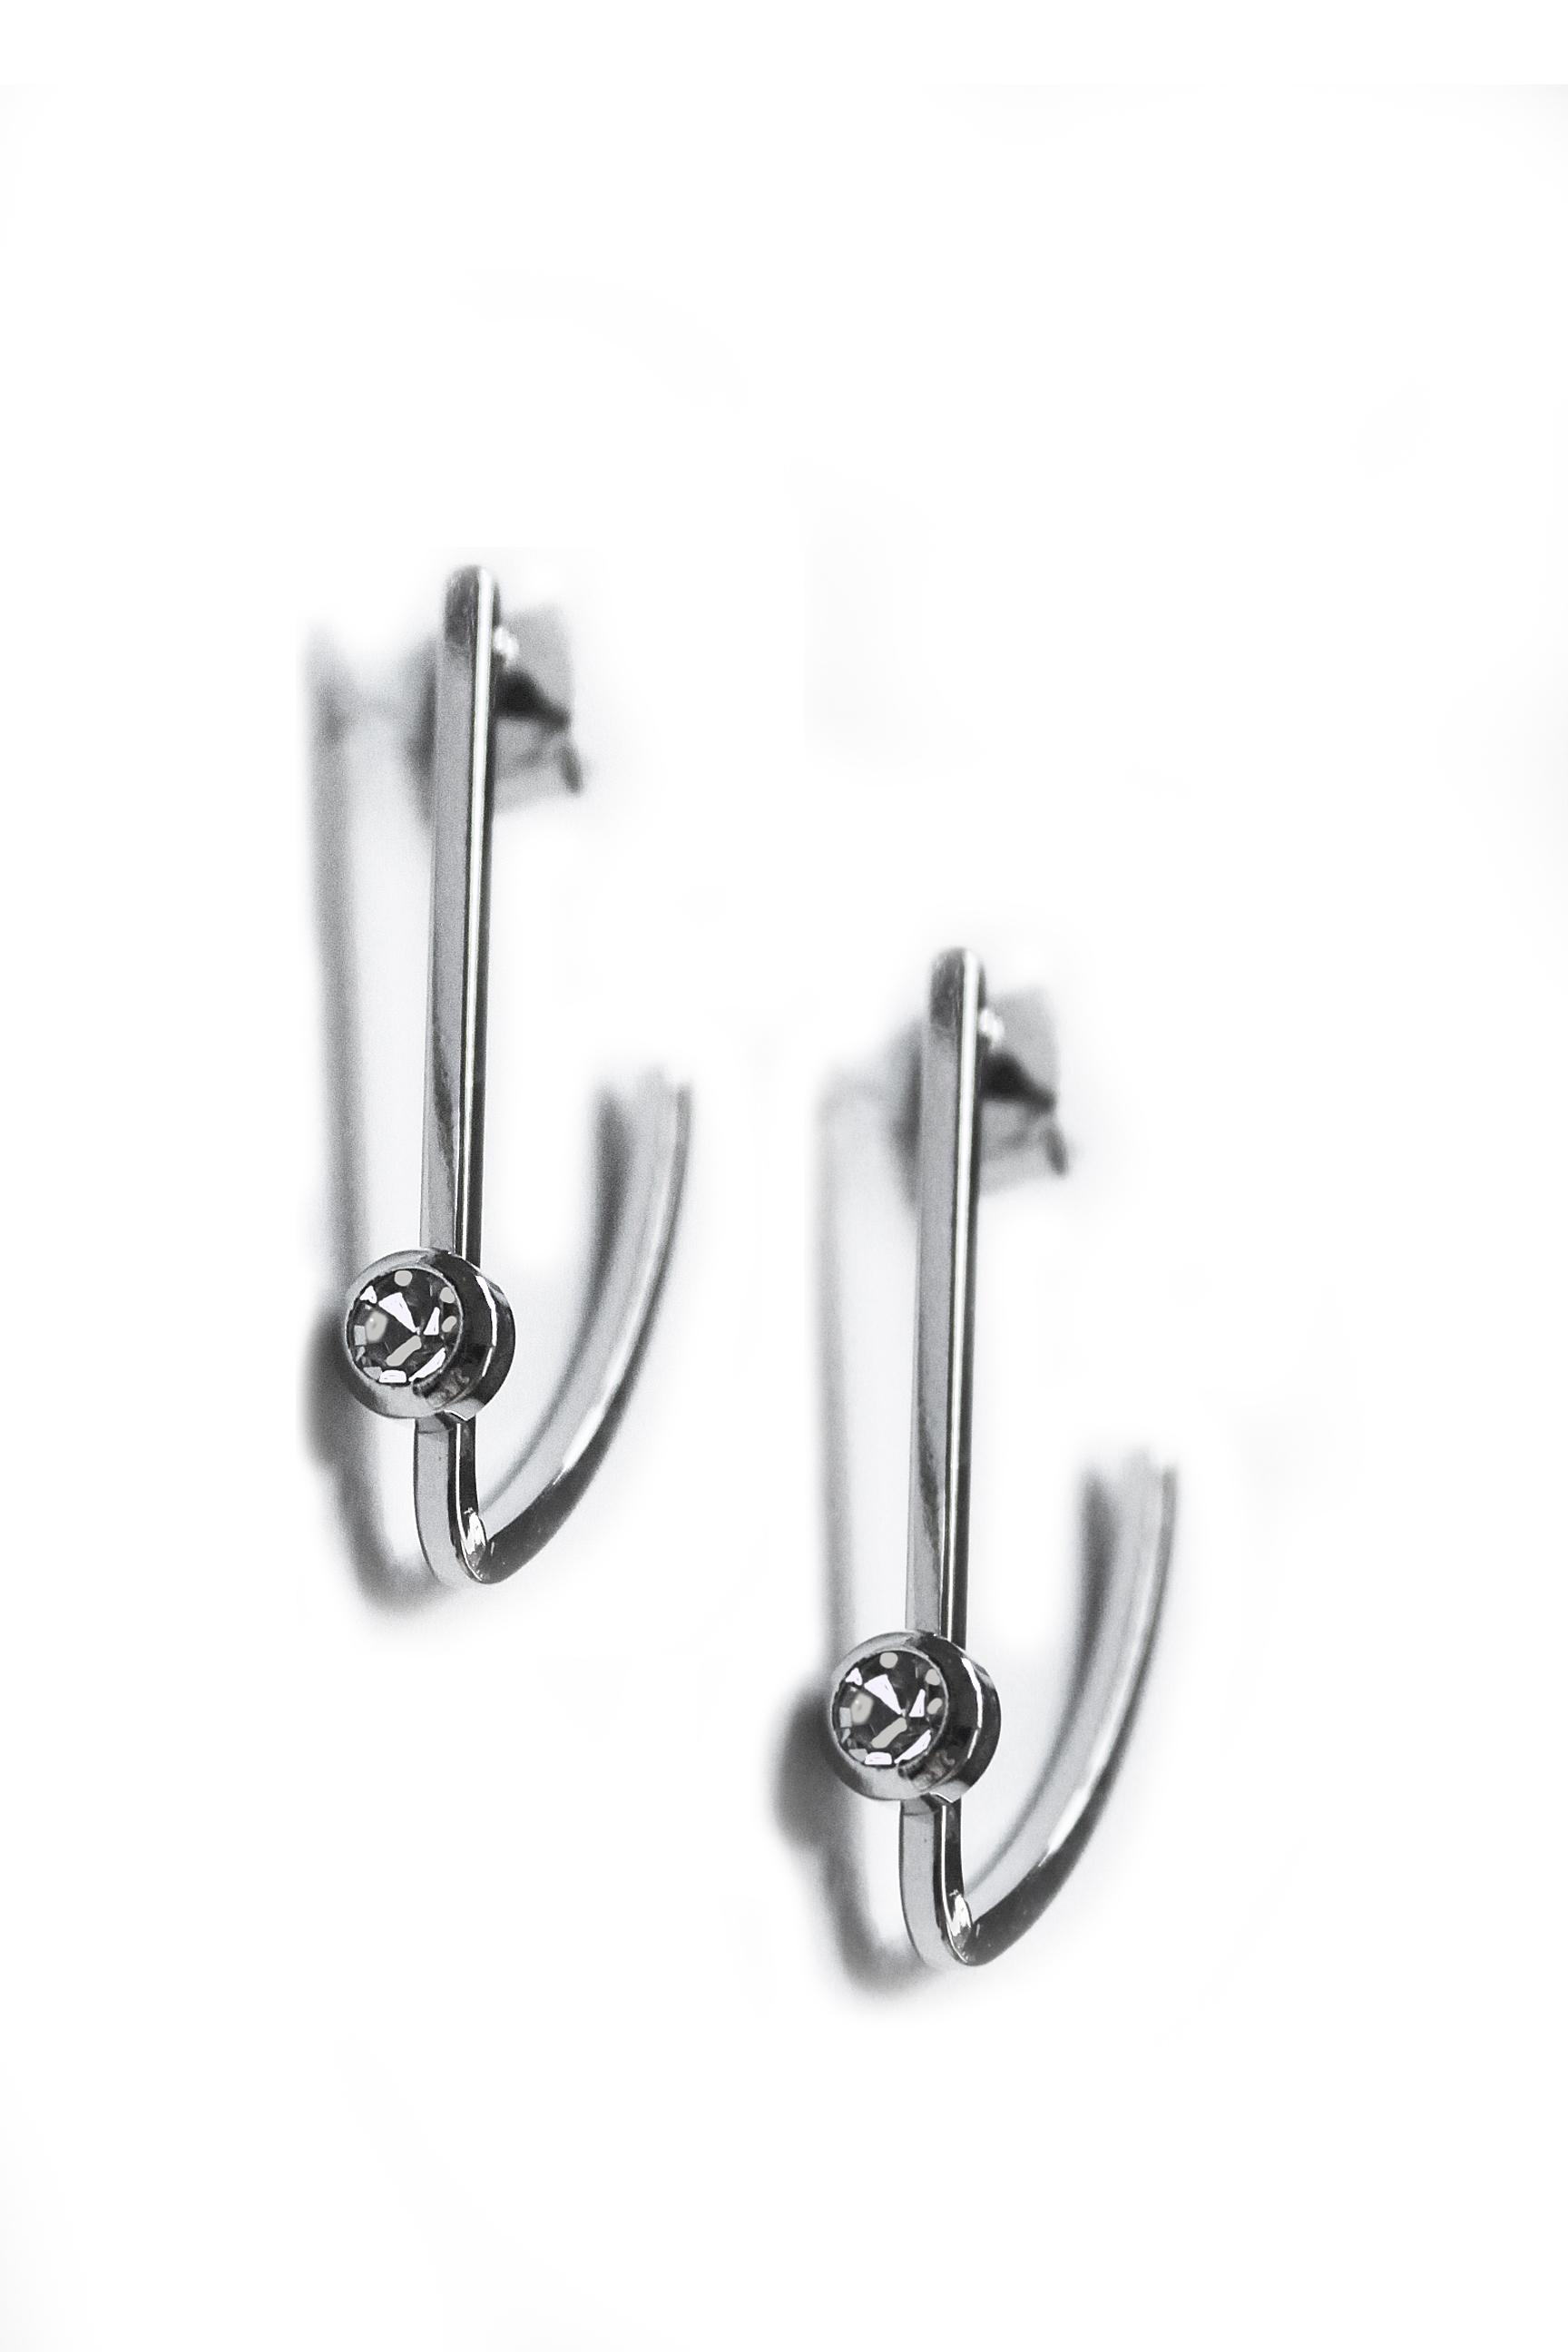 スワロフスキークリスタルがよく光るモダンなデザインのイヤリング(ピアス使用)【ロジウム加工】